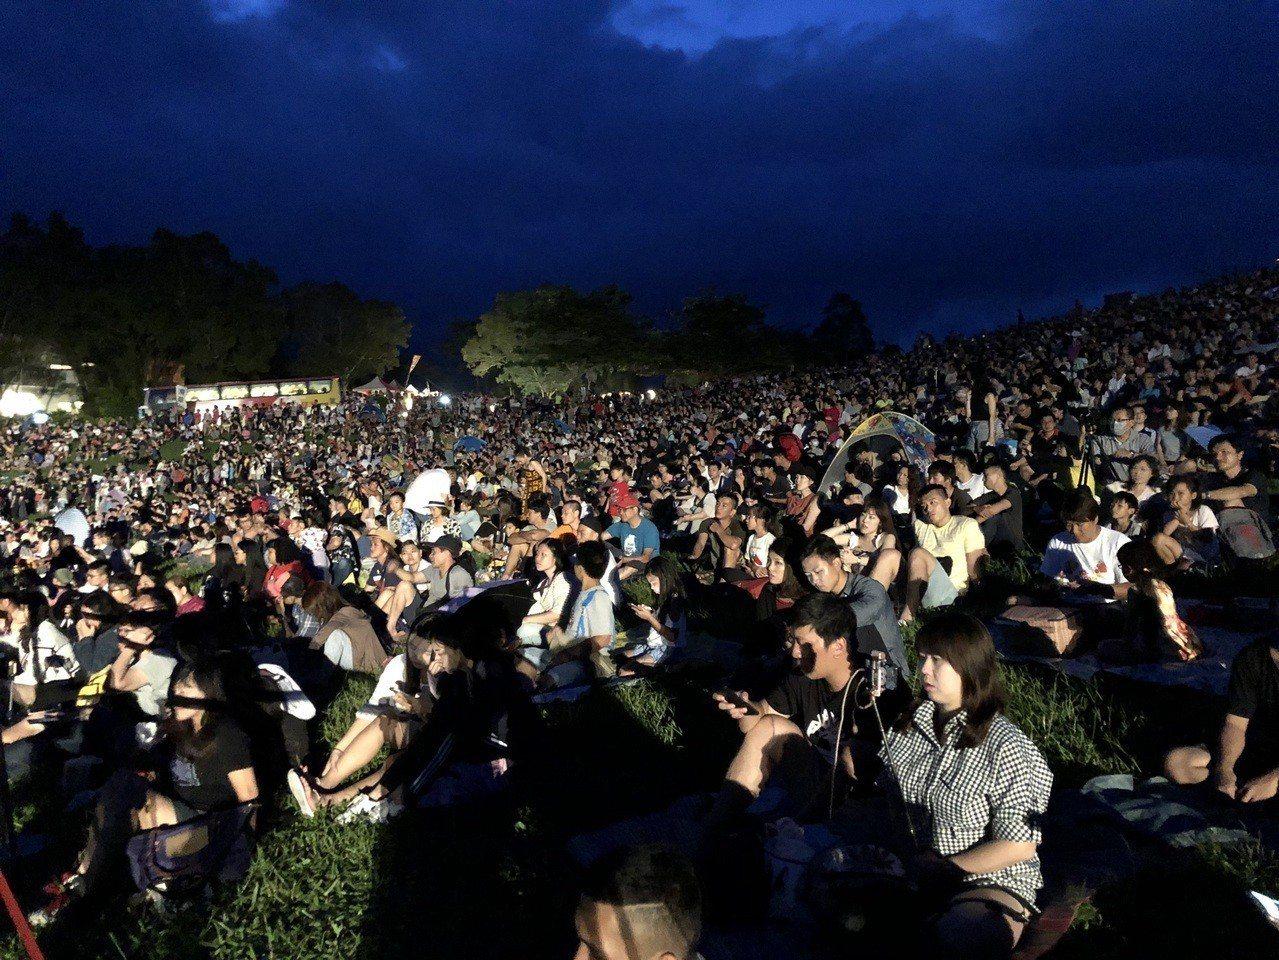 熱氣球光雕音樂會吸引逾萬民眾湧入鹿野高台,草皮上人山人海。記者尤聰光/攝影